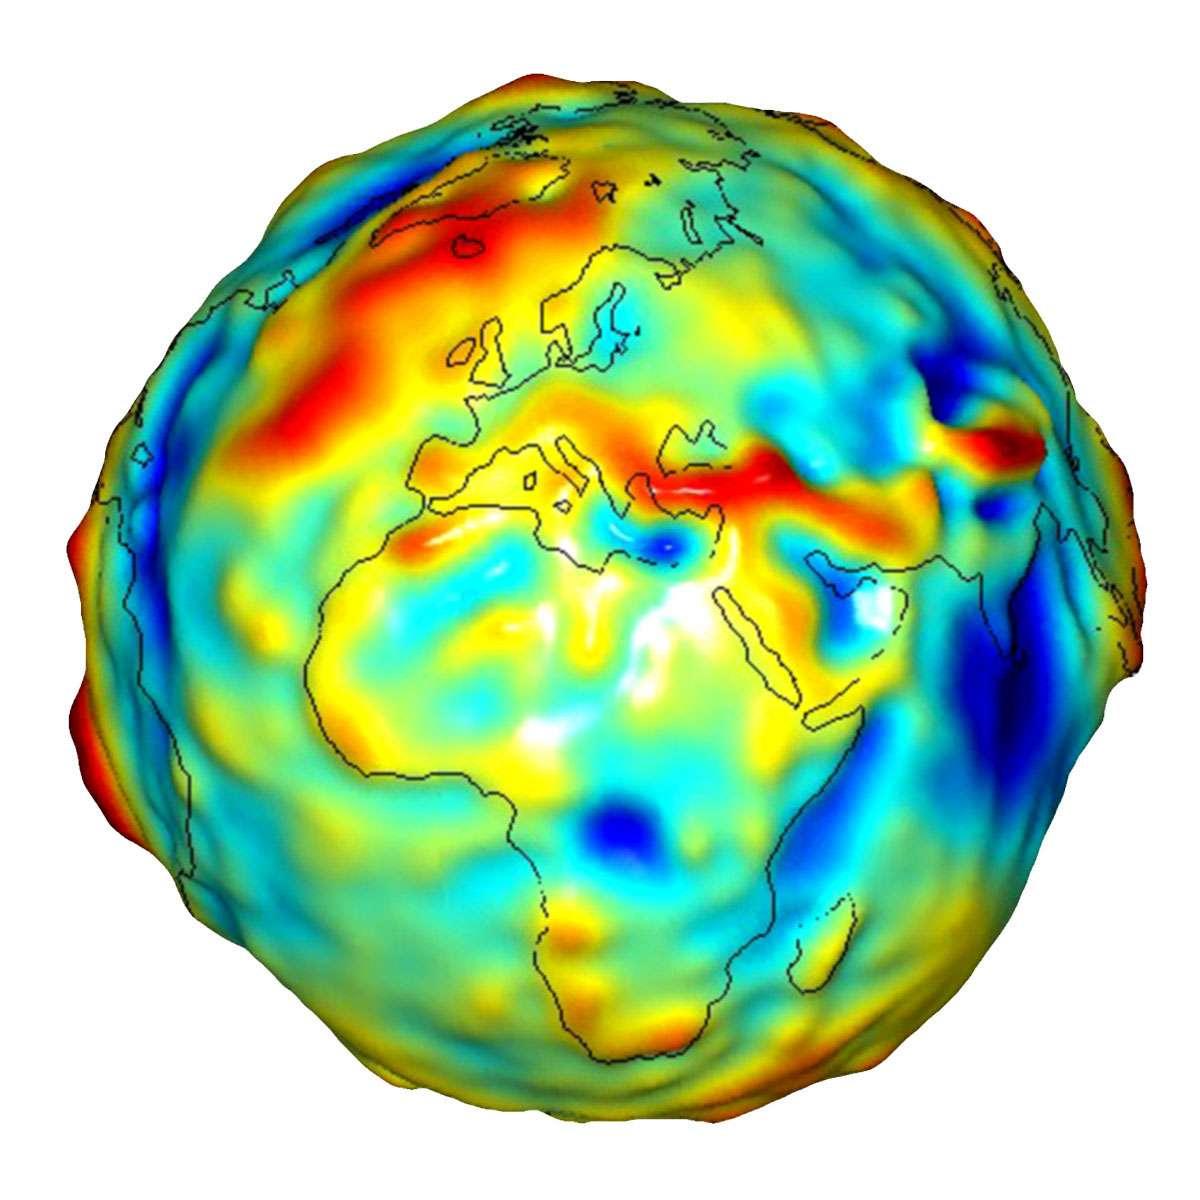 La mission Gravity Recovery And Climate Experiment (Grace) est une mission spatiale qui repose sur deux satellites. Lancée en 2002, la mission vise à mesurer la gravité terrestre de façon à déterminer la répartition de la masse de la Terre. Depuis 2003, les hydrologues utilisent les données de Grace pour estimer le bilan de stockage d'eau douce dans le bassin Tigre-Euphrate. © University of Texas Center for Space Research, Nasa